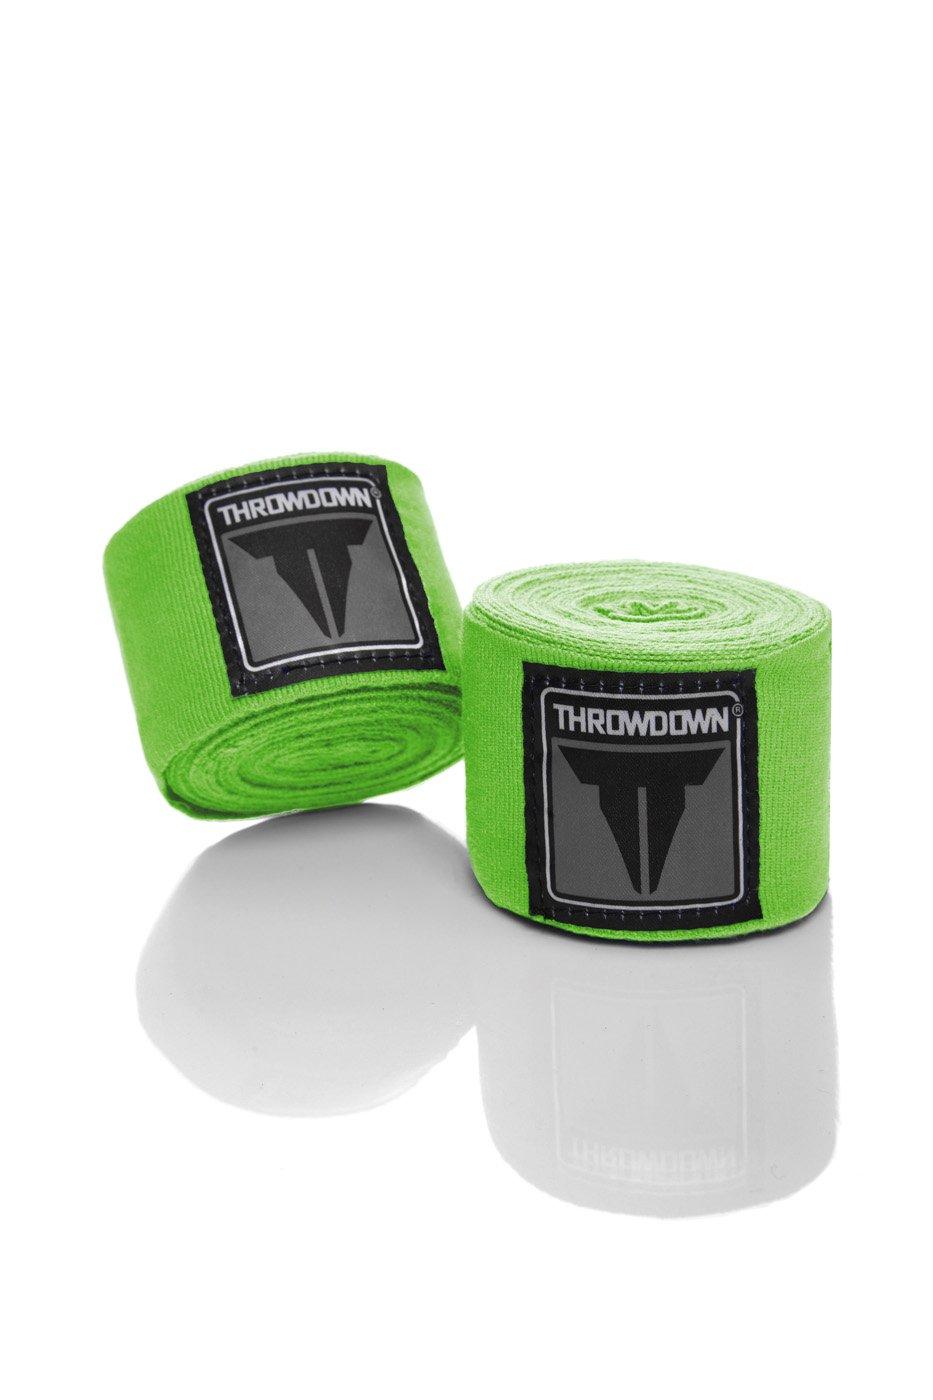 Throwdown Tira MMA vendas - verde, tamaño 460 Throw Down TDHW2N-GRN